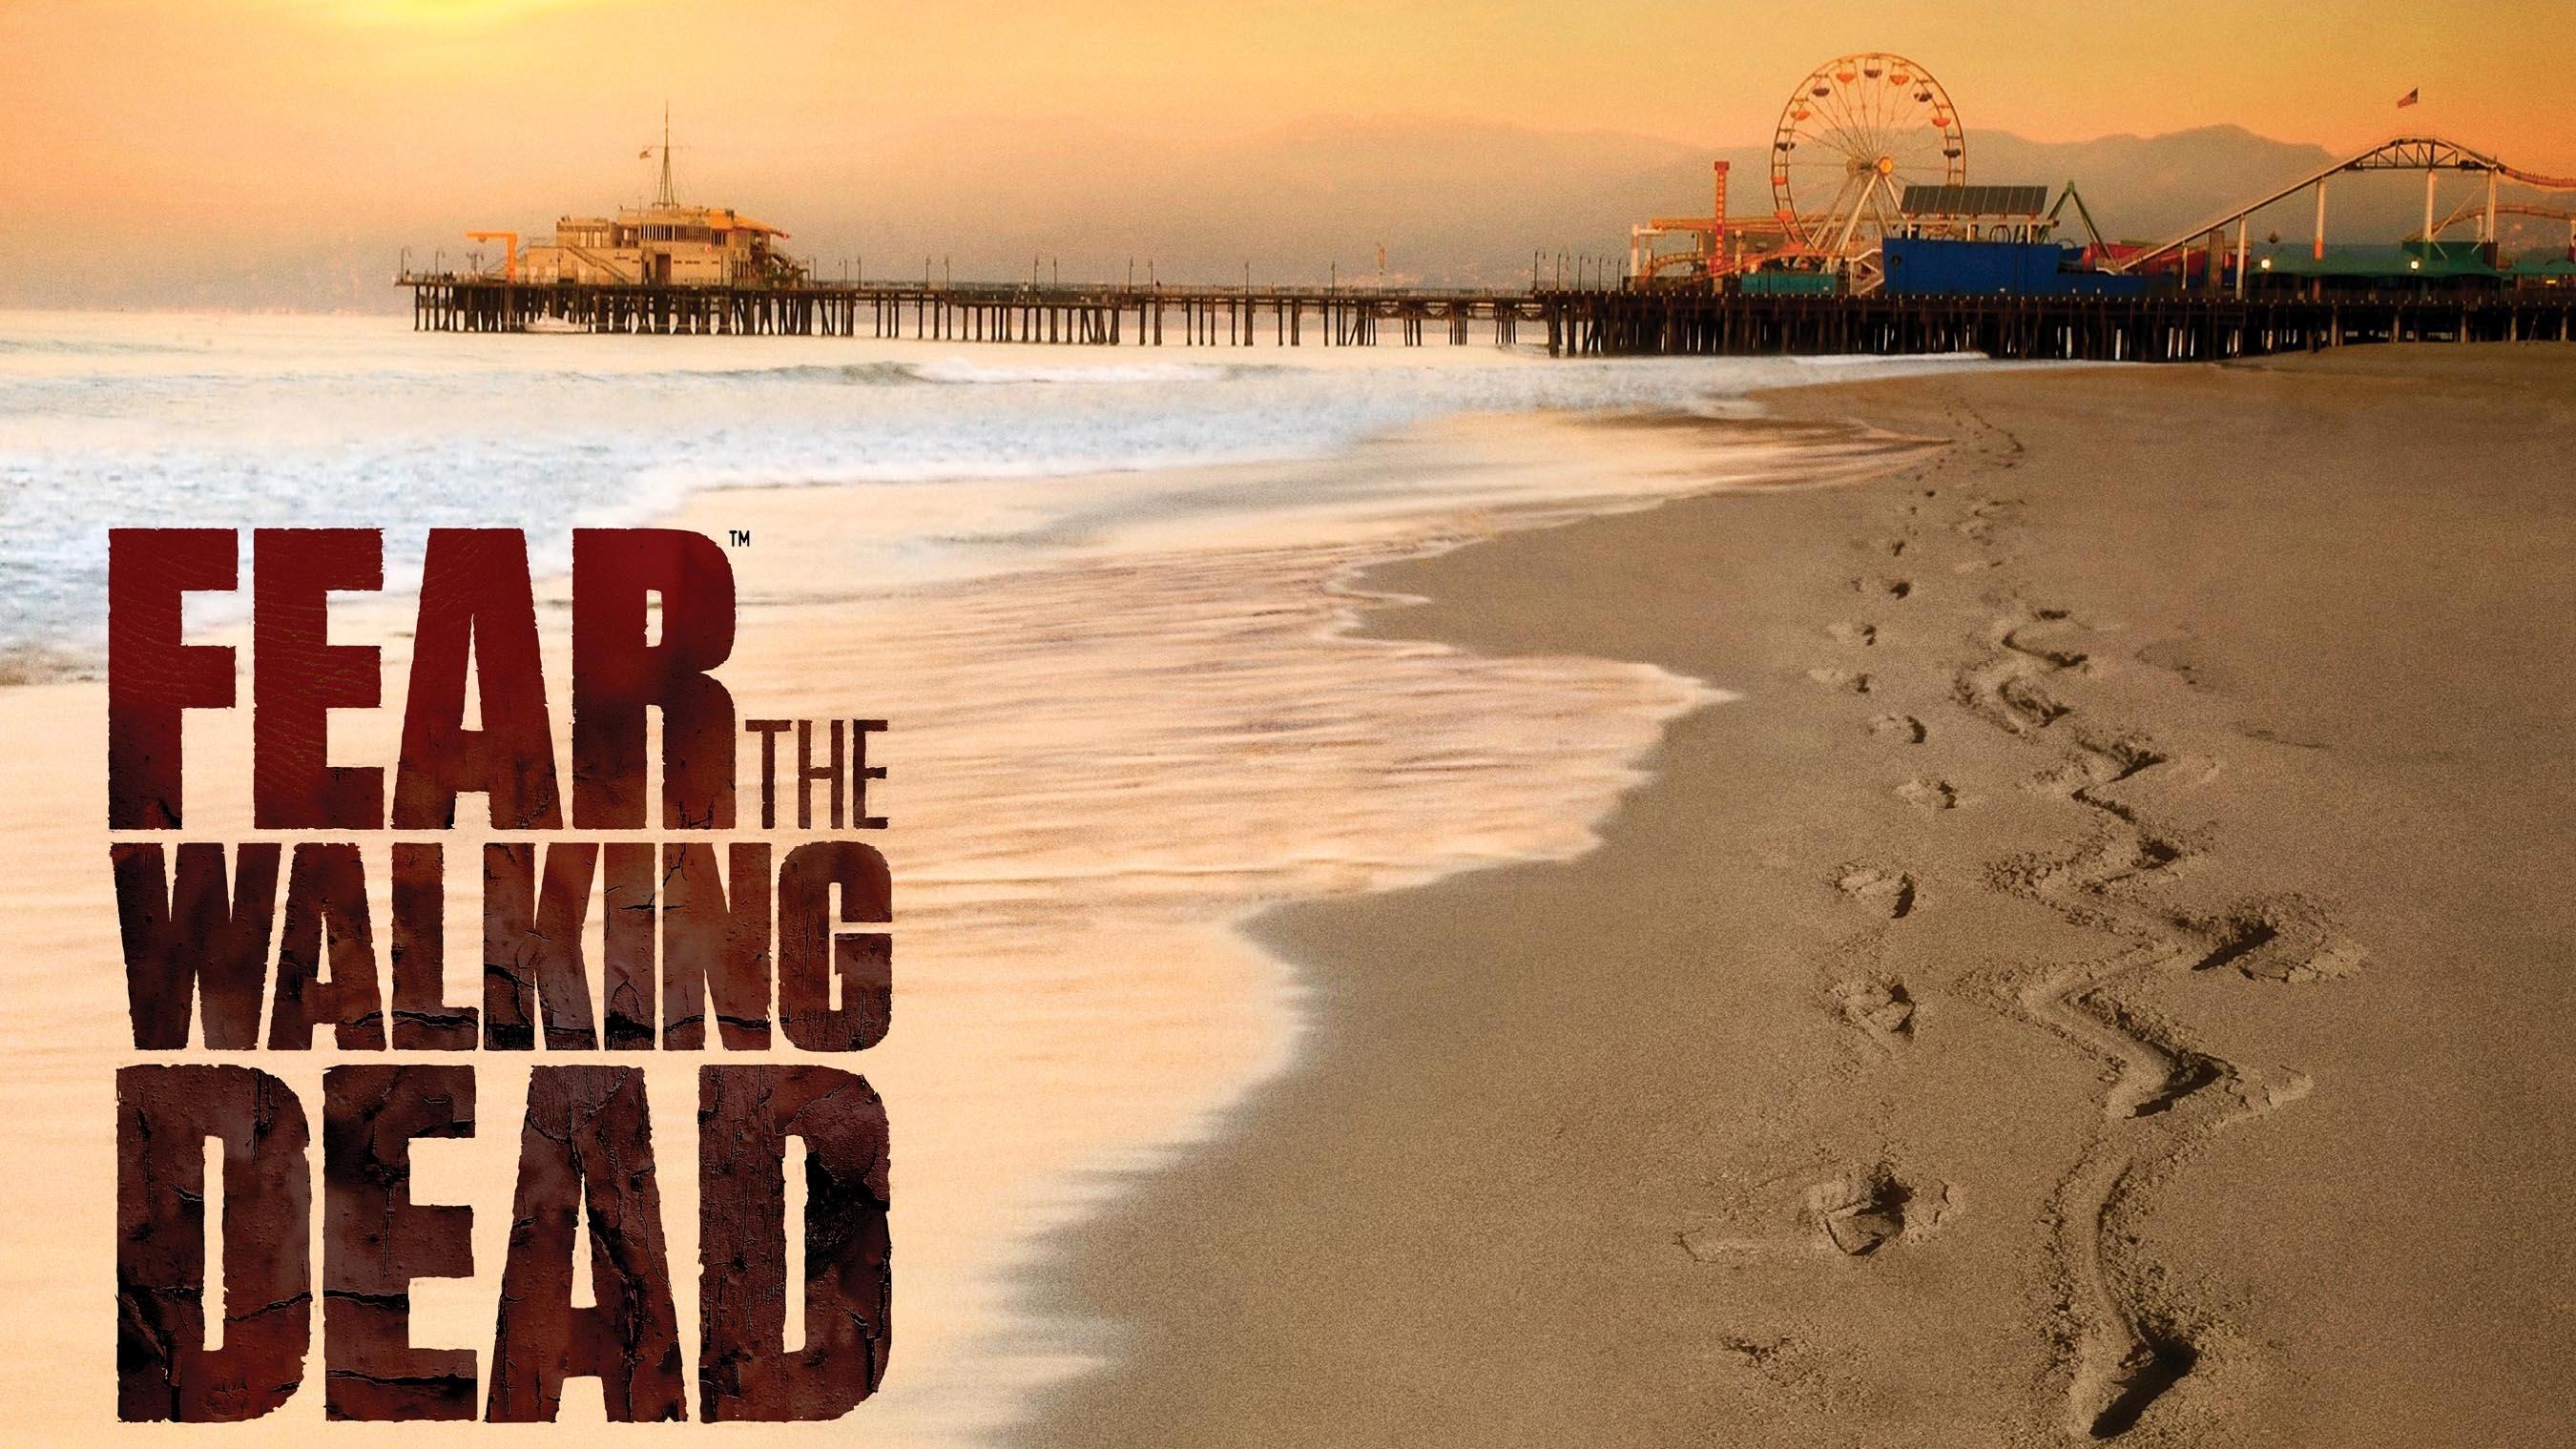 Fear The Walking Dead Fondo De Pantalla Hd Fondo De